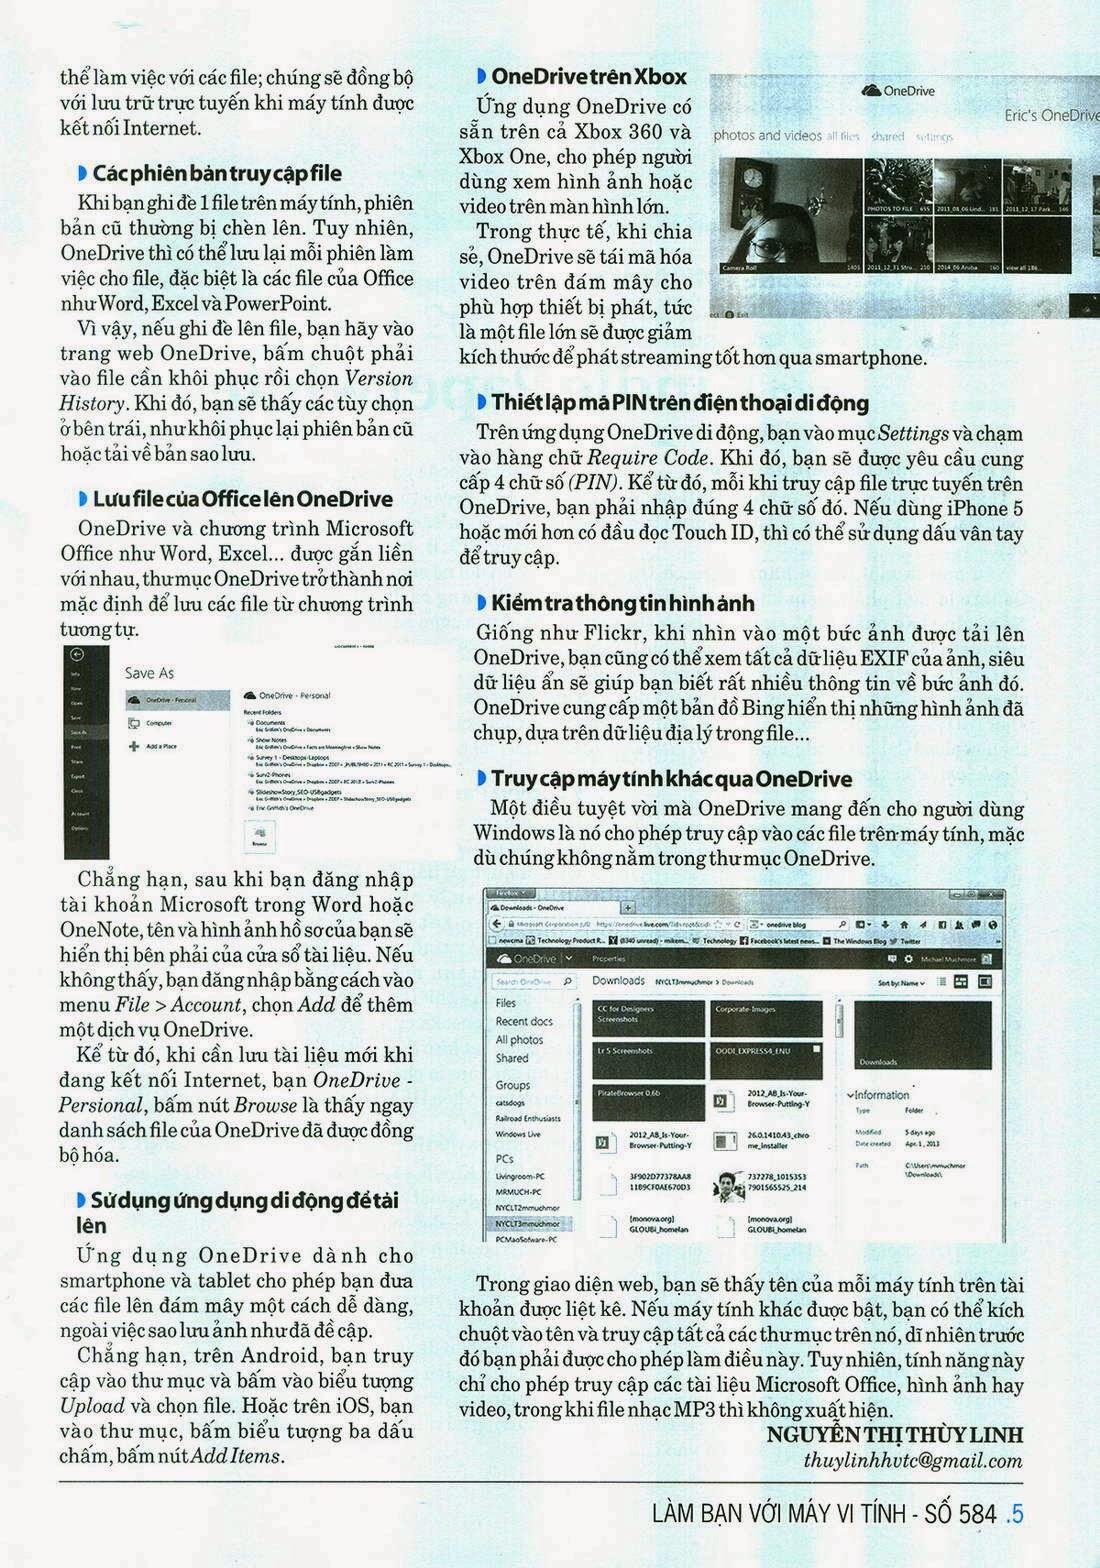 Làm Bạn Với Máy Vi Tính 584 tapchicntt.com